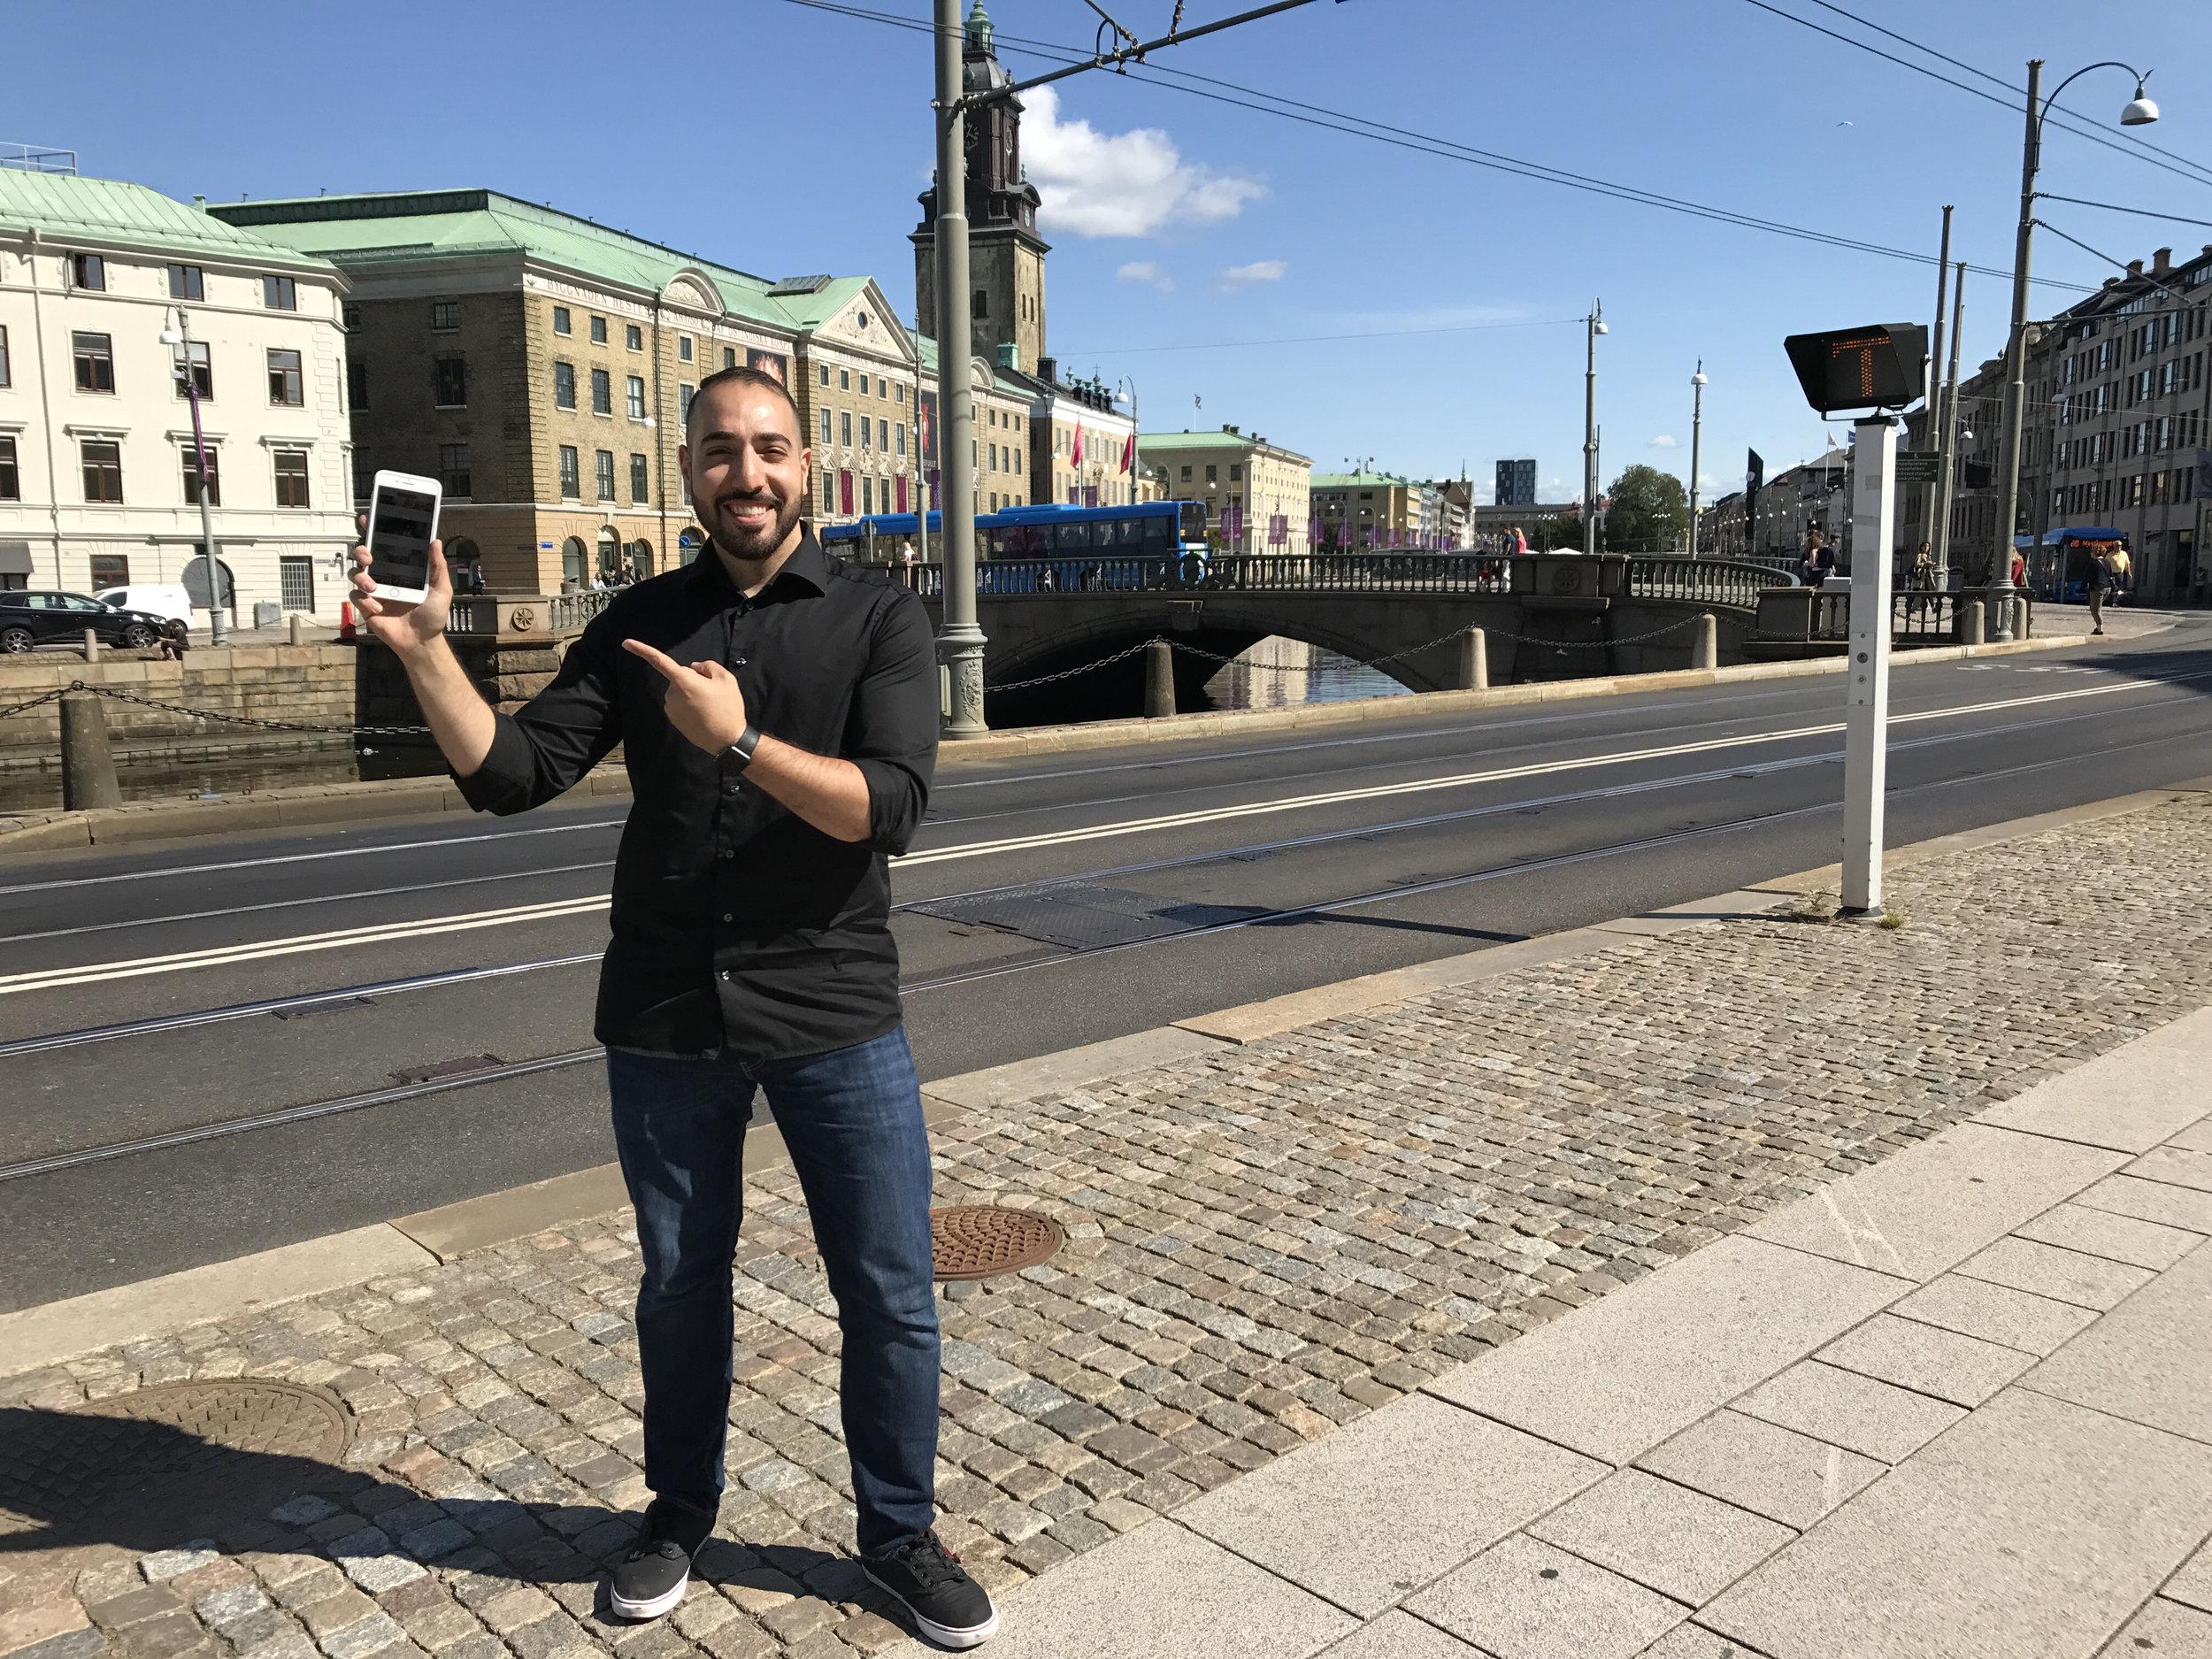 Alexander Haydari, vid lilla torget, visar upp sin belöning!